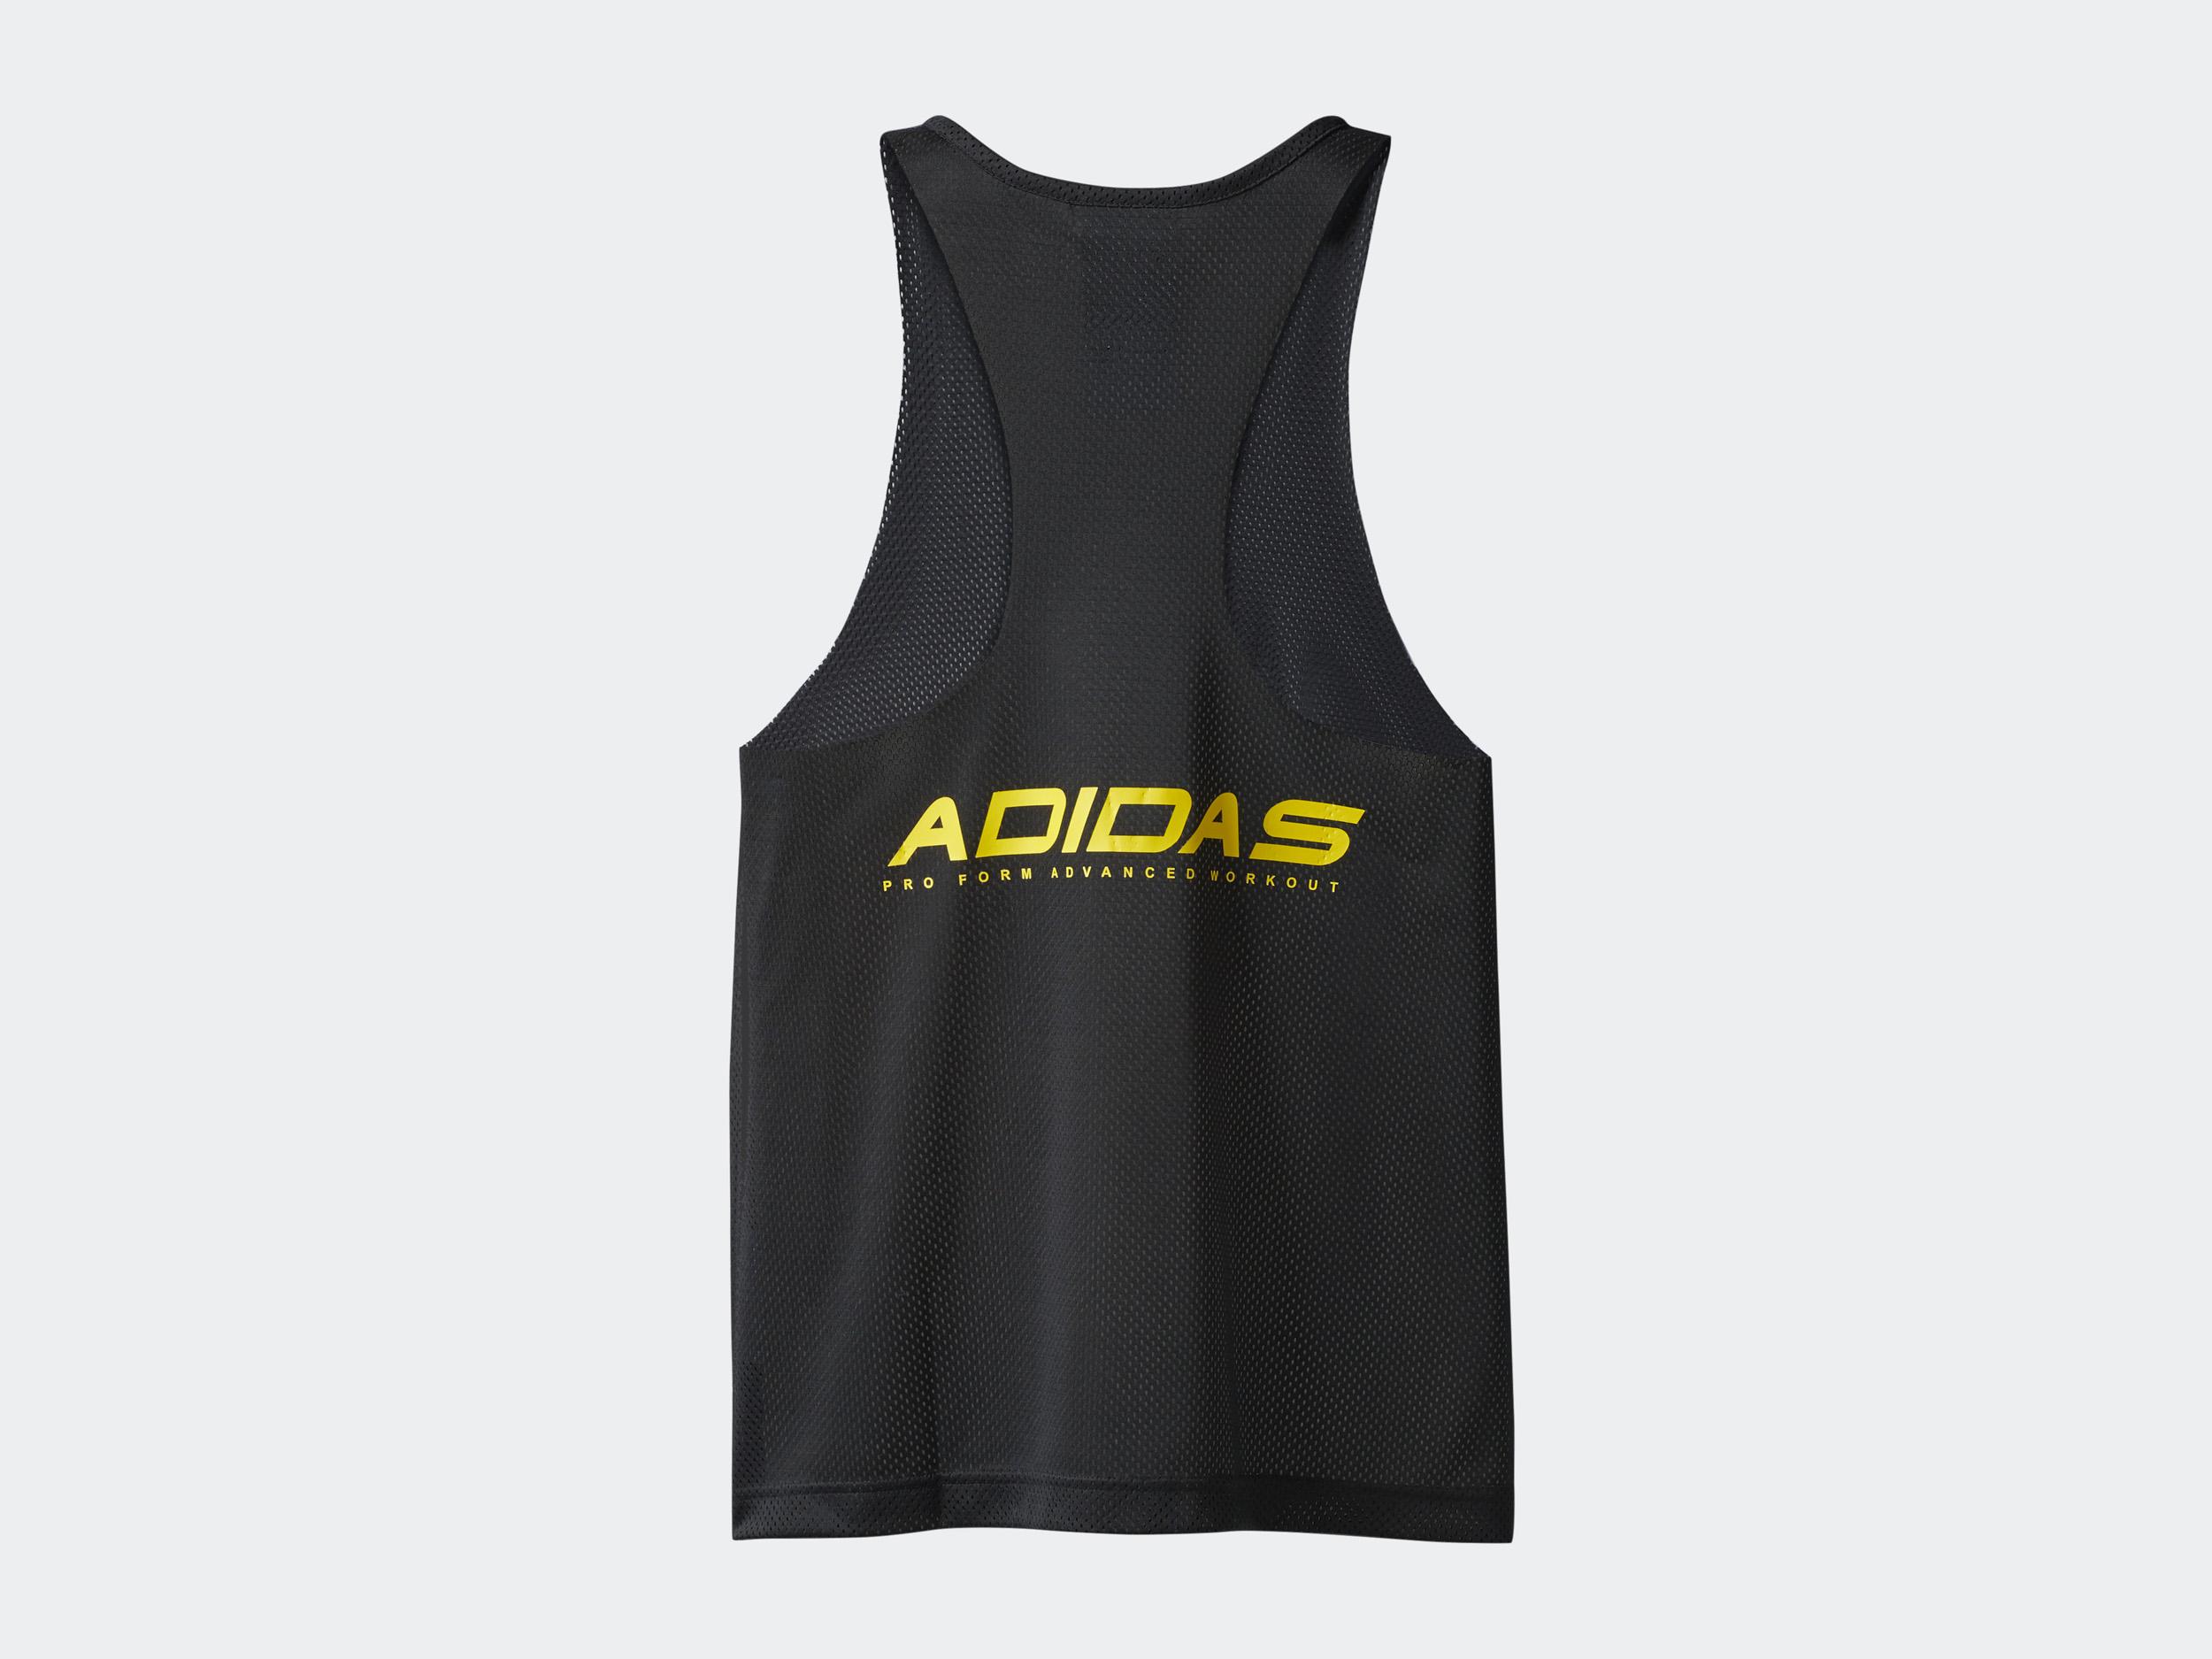 adidas Originals by Alexander Wang<br>夜のクラブ遊びはスポーツだ